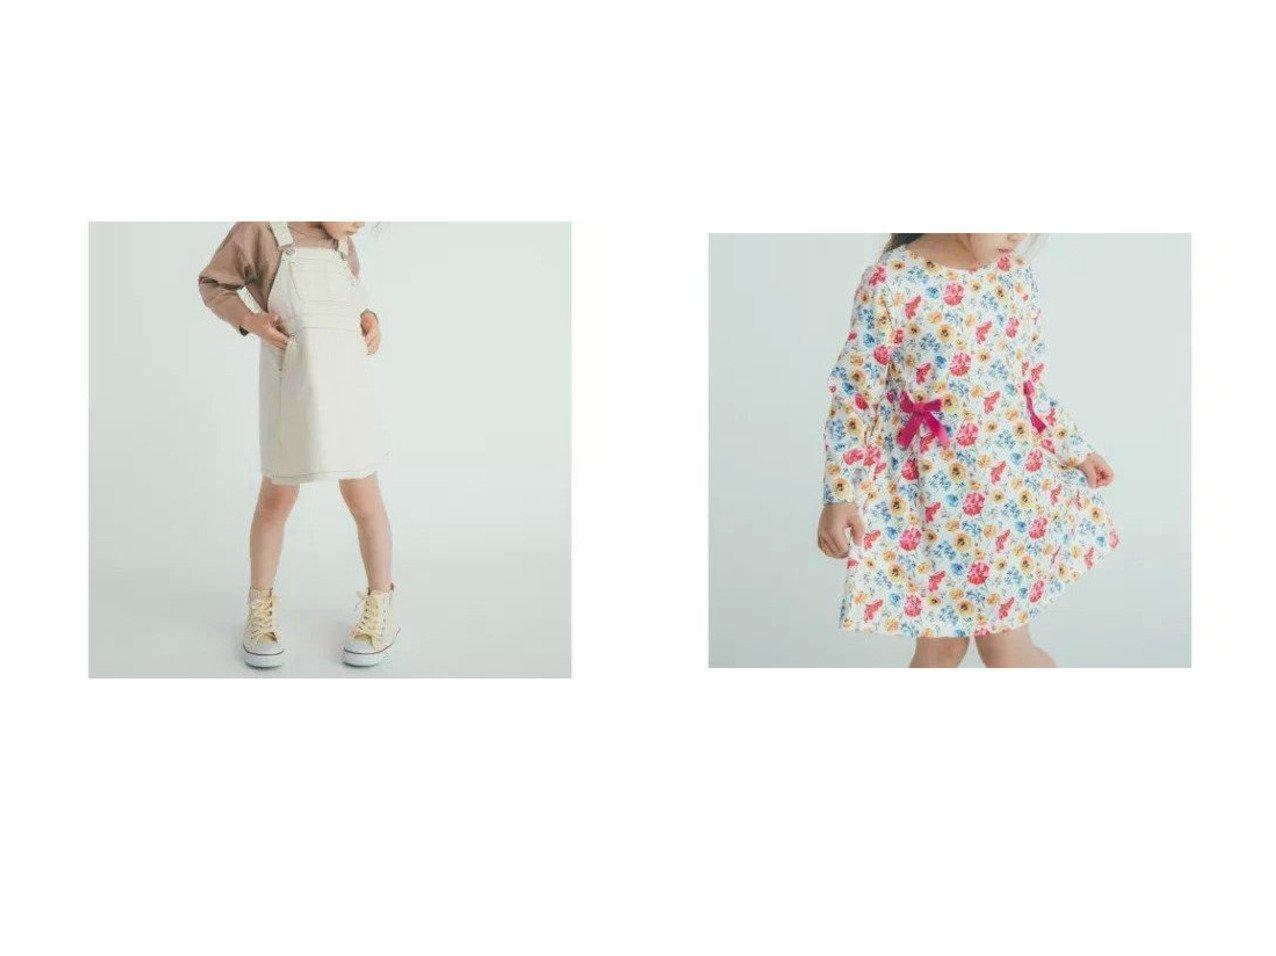 【green label relaxing / UNITED ARROWS / KIDS/グリーンレーベルリラクシング】の【キッズ】ツイルフレアジャンパースカート オフホワイト&ポンチ花柄プリントワンピース 【KIDS】子供服のおすすめ!人気トレンド・キッズファッションの通販  おすすめで人気の流行・トレンド、ファッションの通販商品 メンズファッション・キッズファッション・インテリア・家具・レディースファッション・服の通販 founy(ファニー) https://founy.com/ ファッション Fashion キッズファッション KIDS ワンピース Dress Kids インナー ツイル フレア ロング シューズ プリント リボン  ID:crp329100000022318